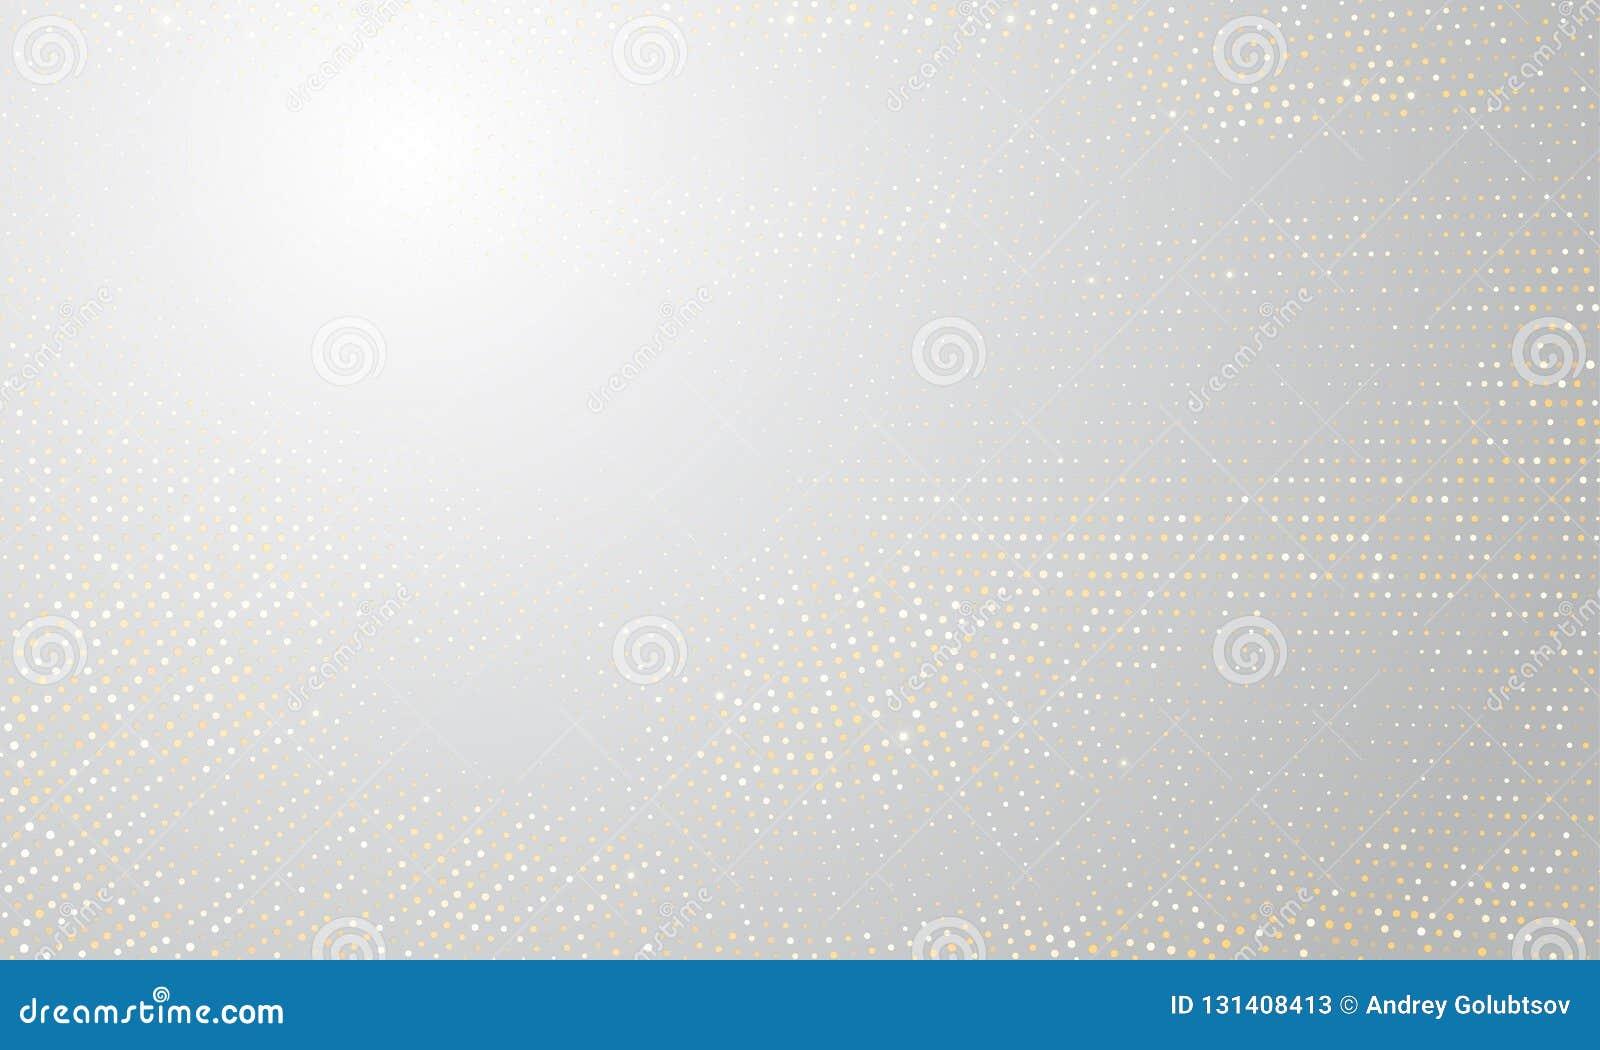 Fundo de intervalo mínimo de prata do ouro Círculo dourado do brilho do vetor com brilho de intervalo mínimo branco pontilhado da